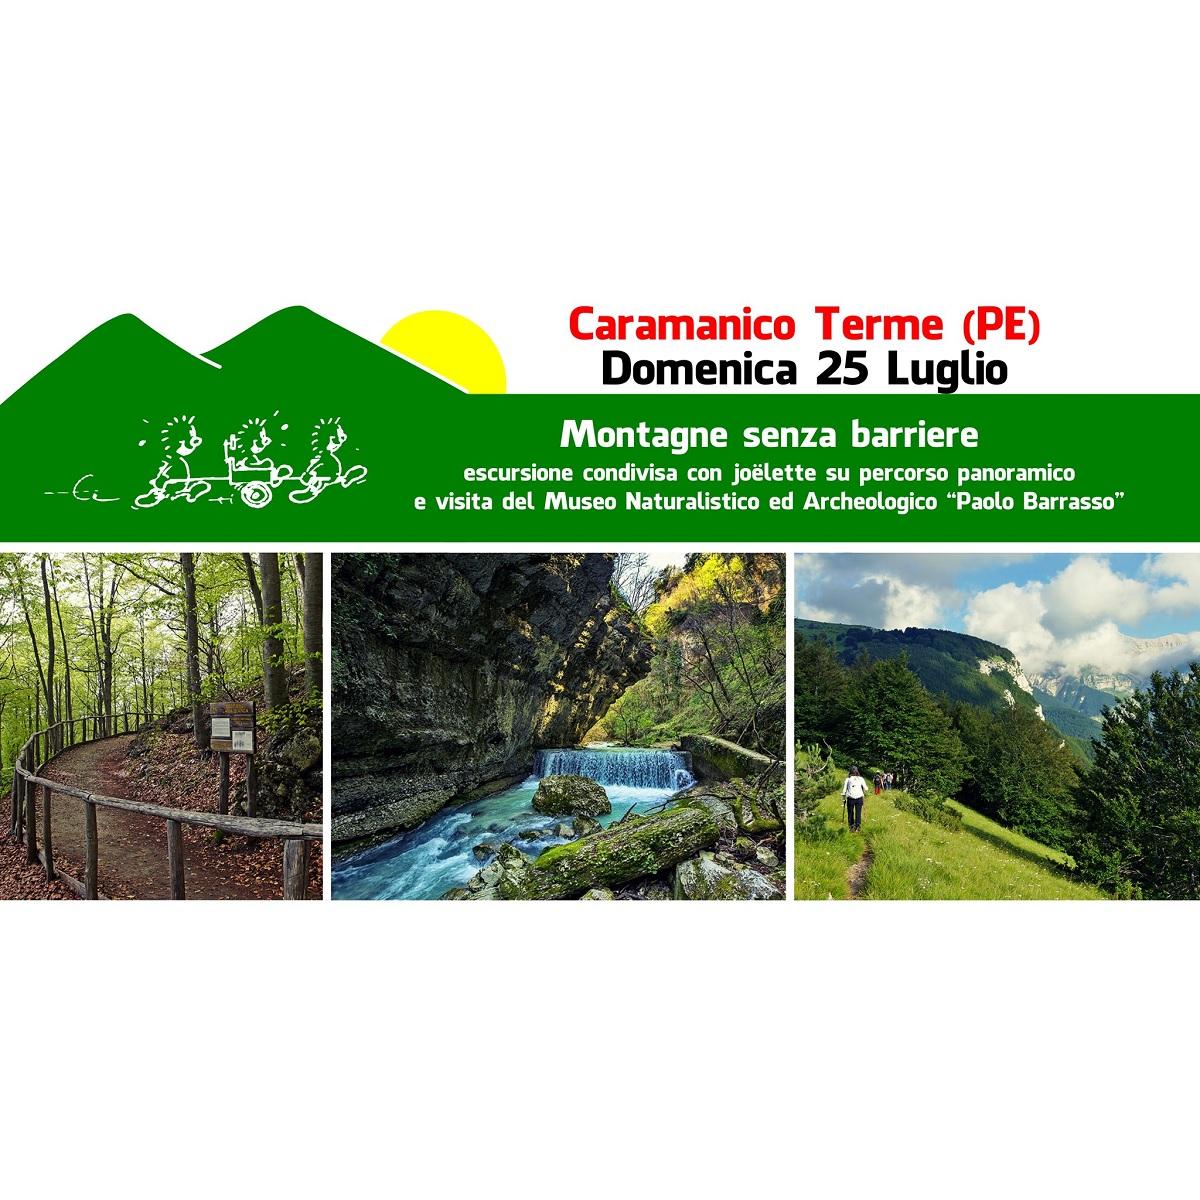 Passeggiata in joёlette sui sentieri di Caramanico Terme foto